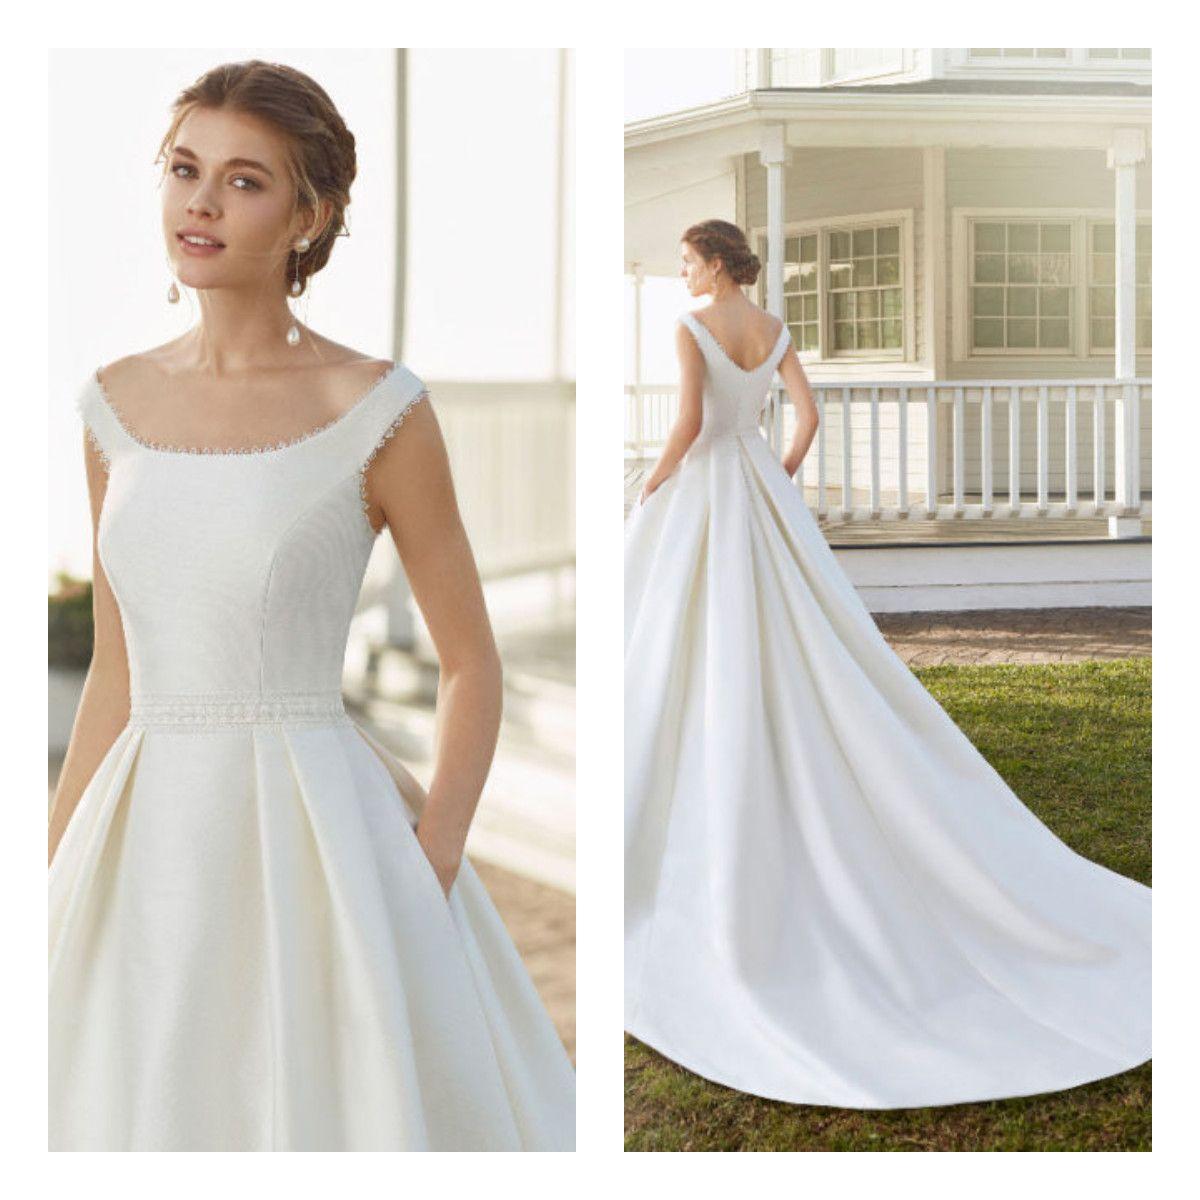 Caolin By Rosa Clara Bridal Dresses Wedding Dresses Wedding Bridesmaid Dresses Bridal Dresses